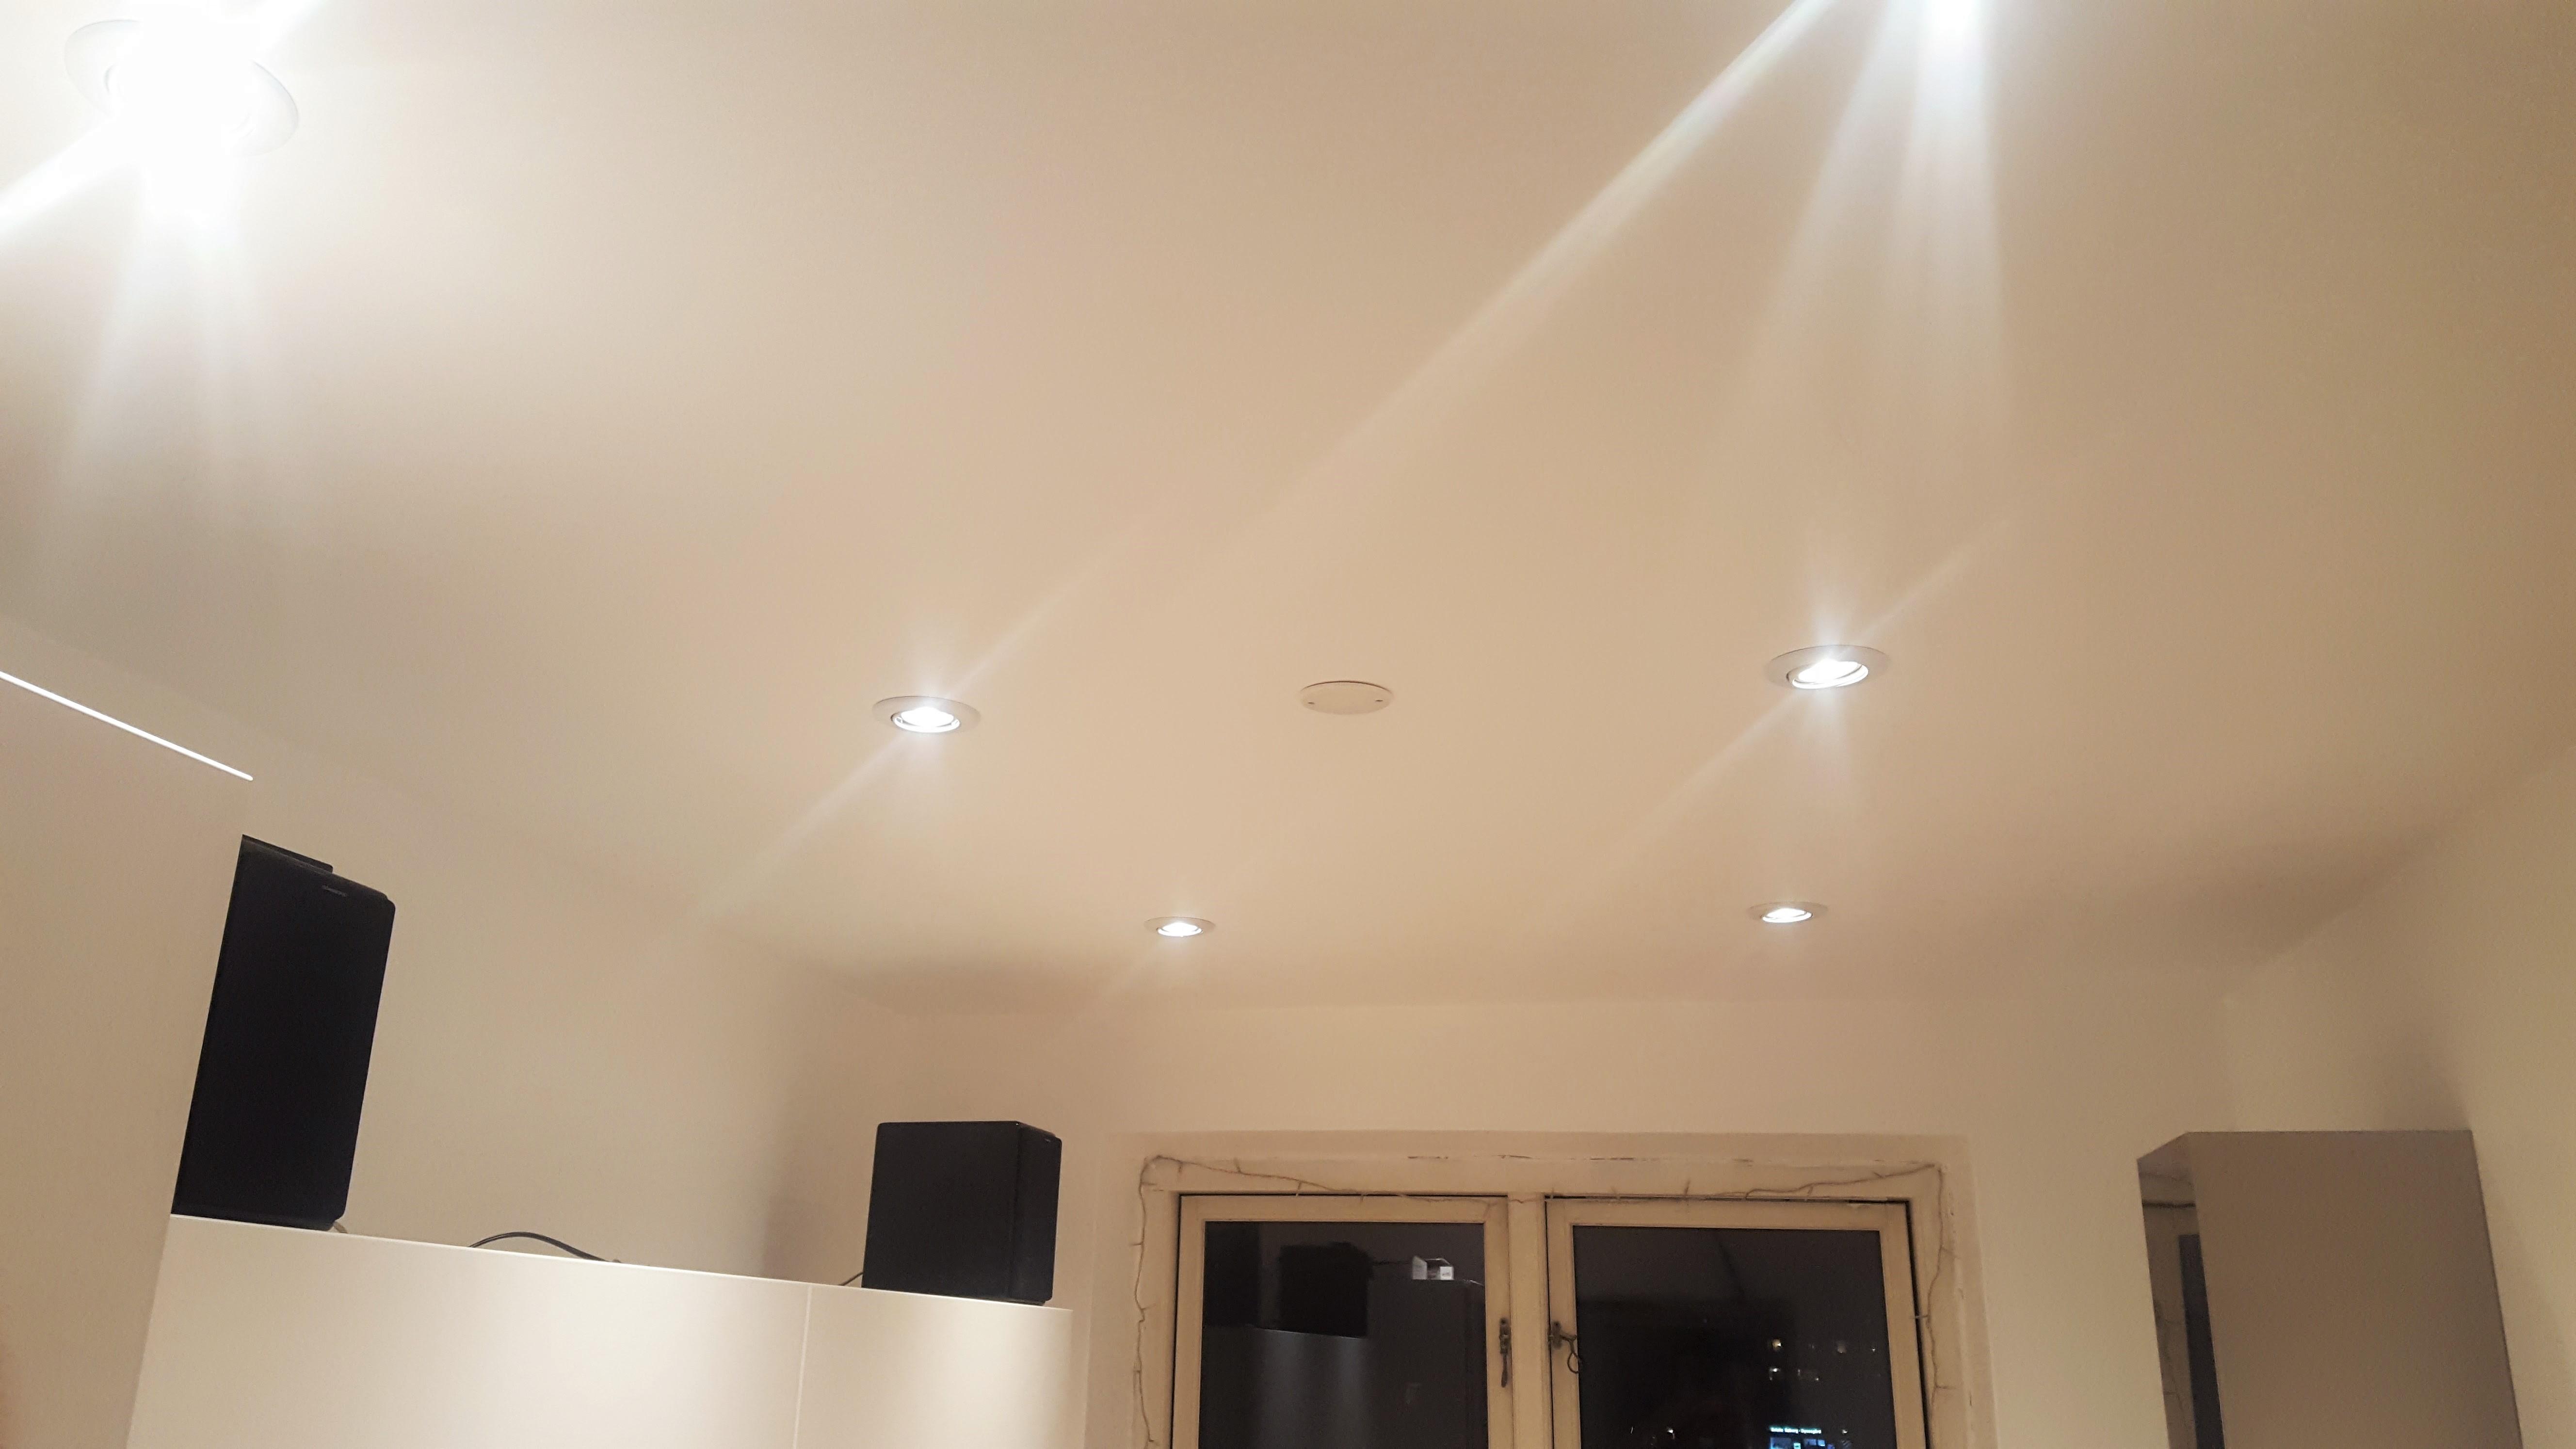 Oprindeligt Komplet guide: Sådan laves et nedsænket loft med LED spots MP99